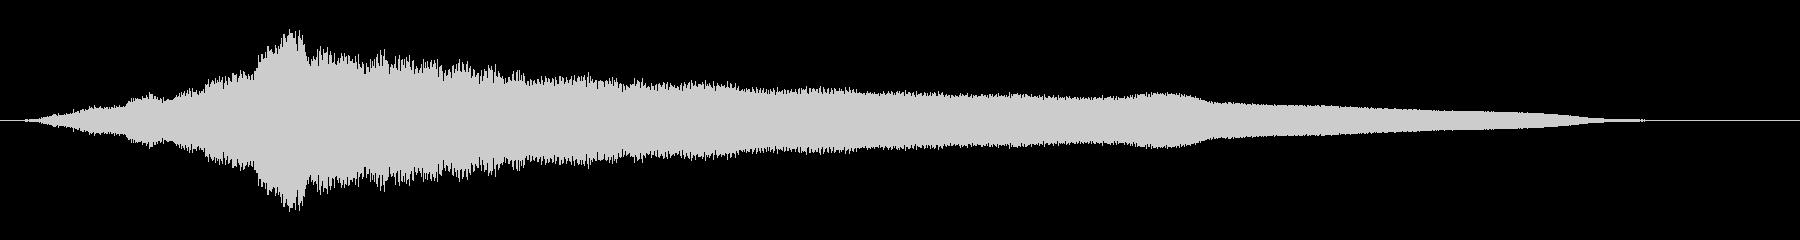 オールドライドシンボルボウCU 4の未再生の波形